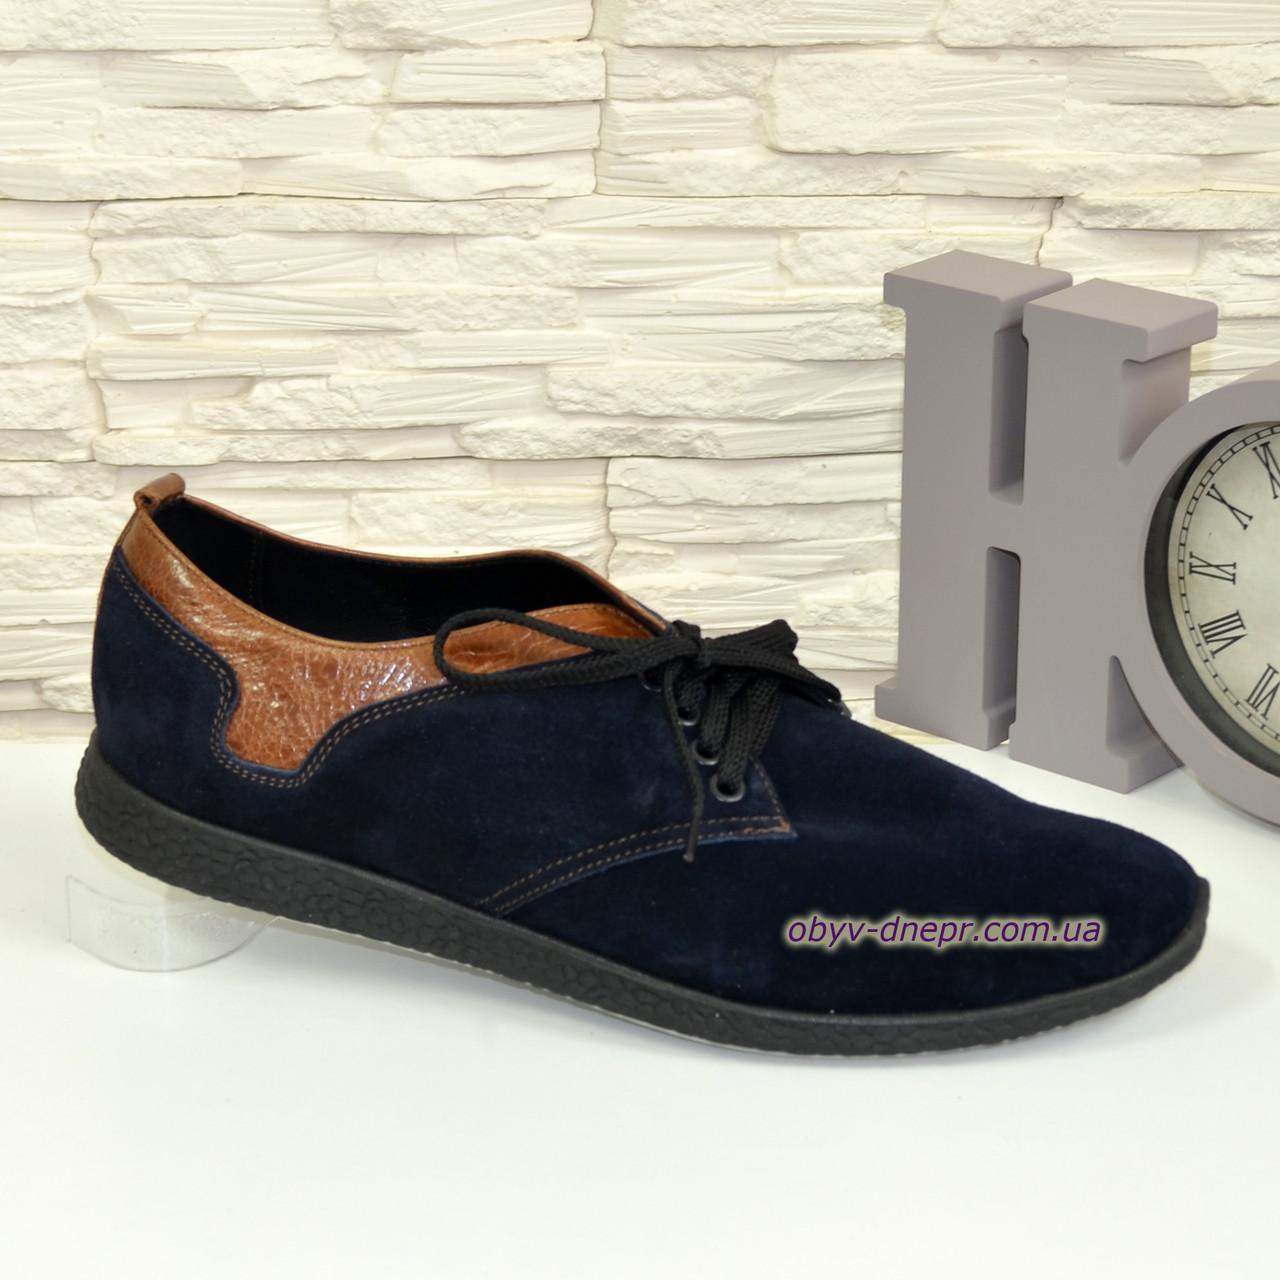 Туфли мужские на шнуровке, натуральная замша и кожа.